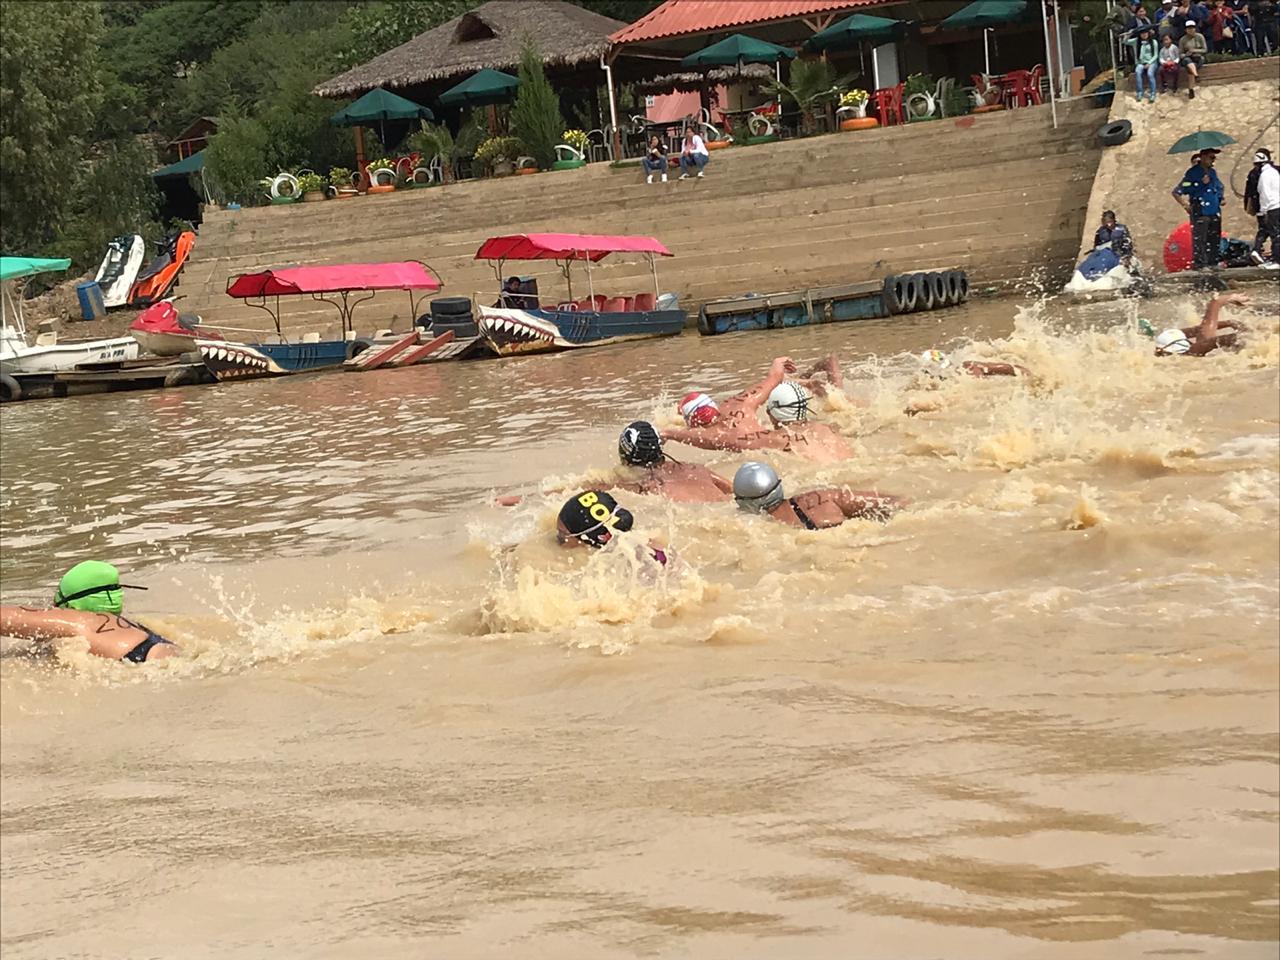 Se conformó la selección de aguas abiertas para sudamericano juvenil en Chile